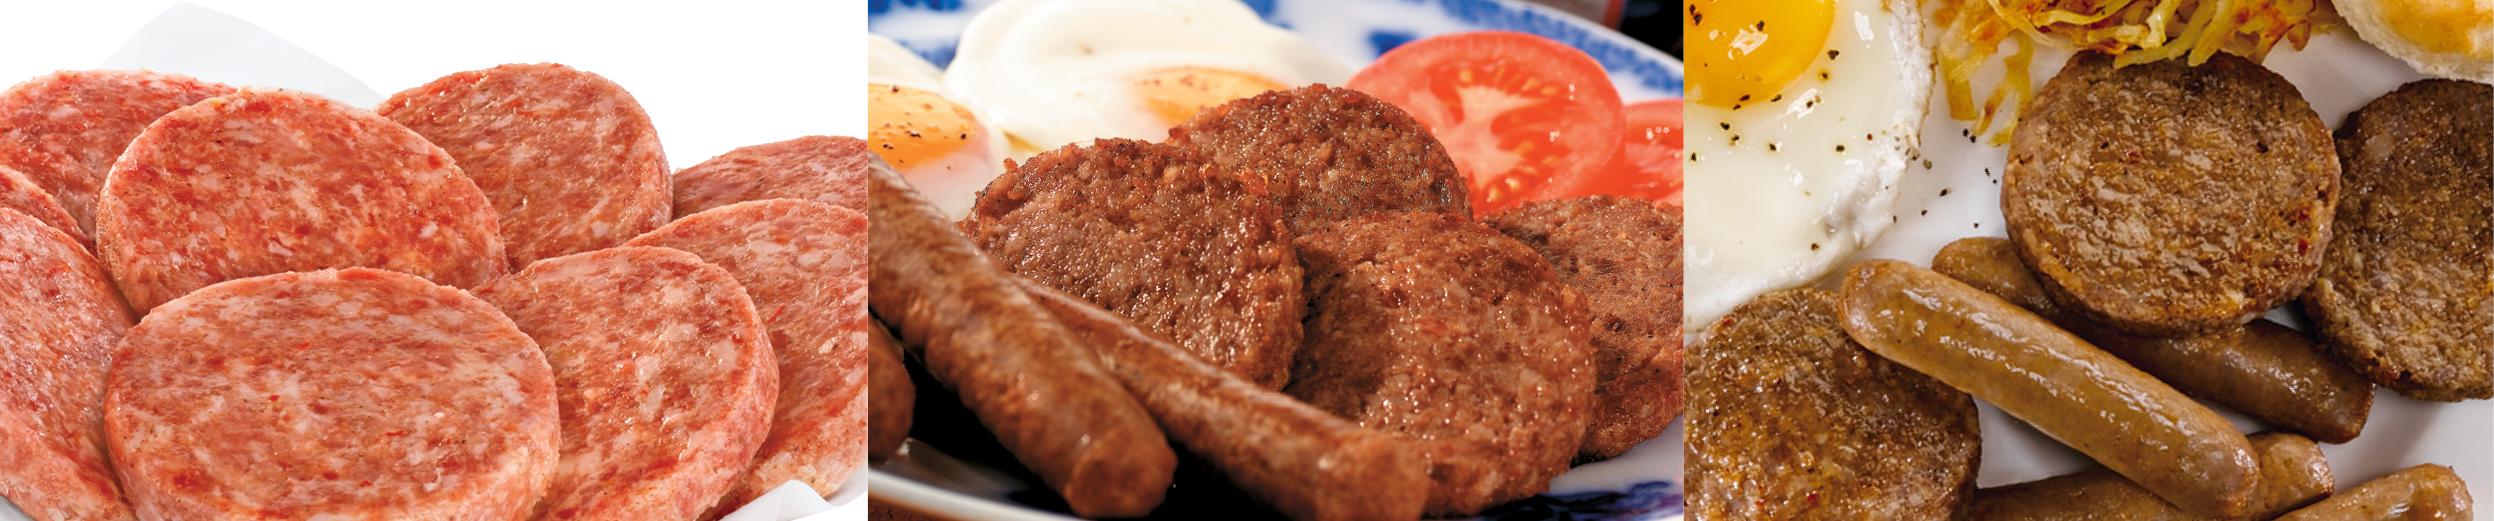 Country Style Premium Pork Sausage Patties & Links